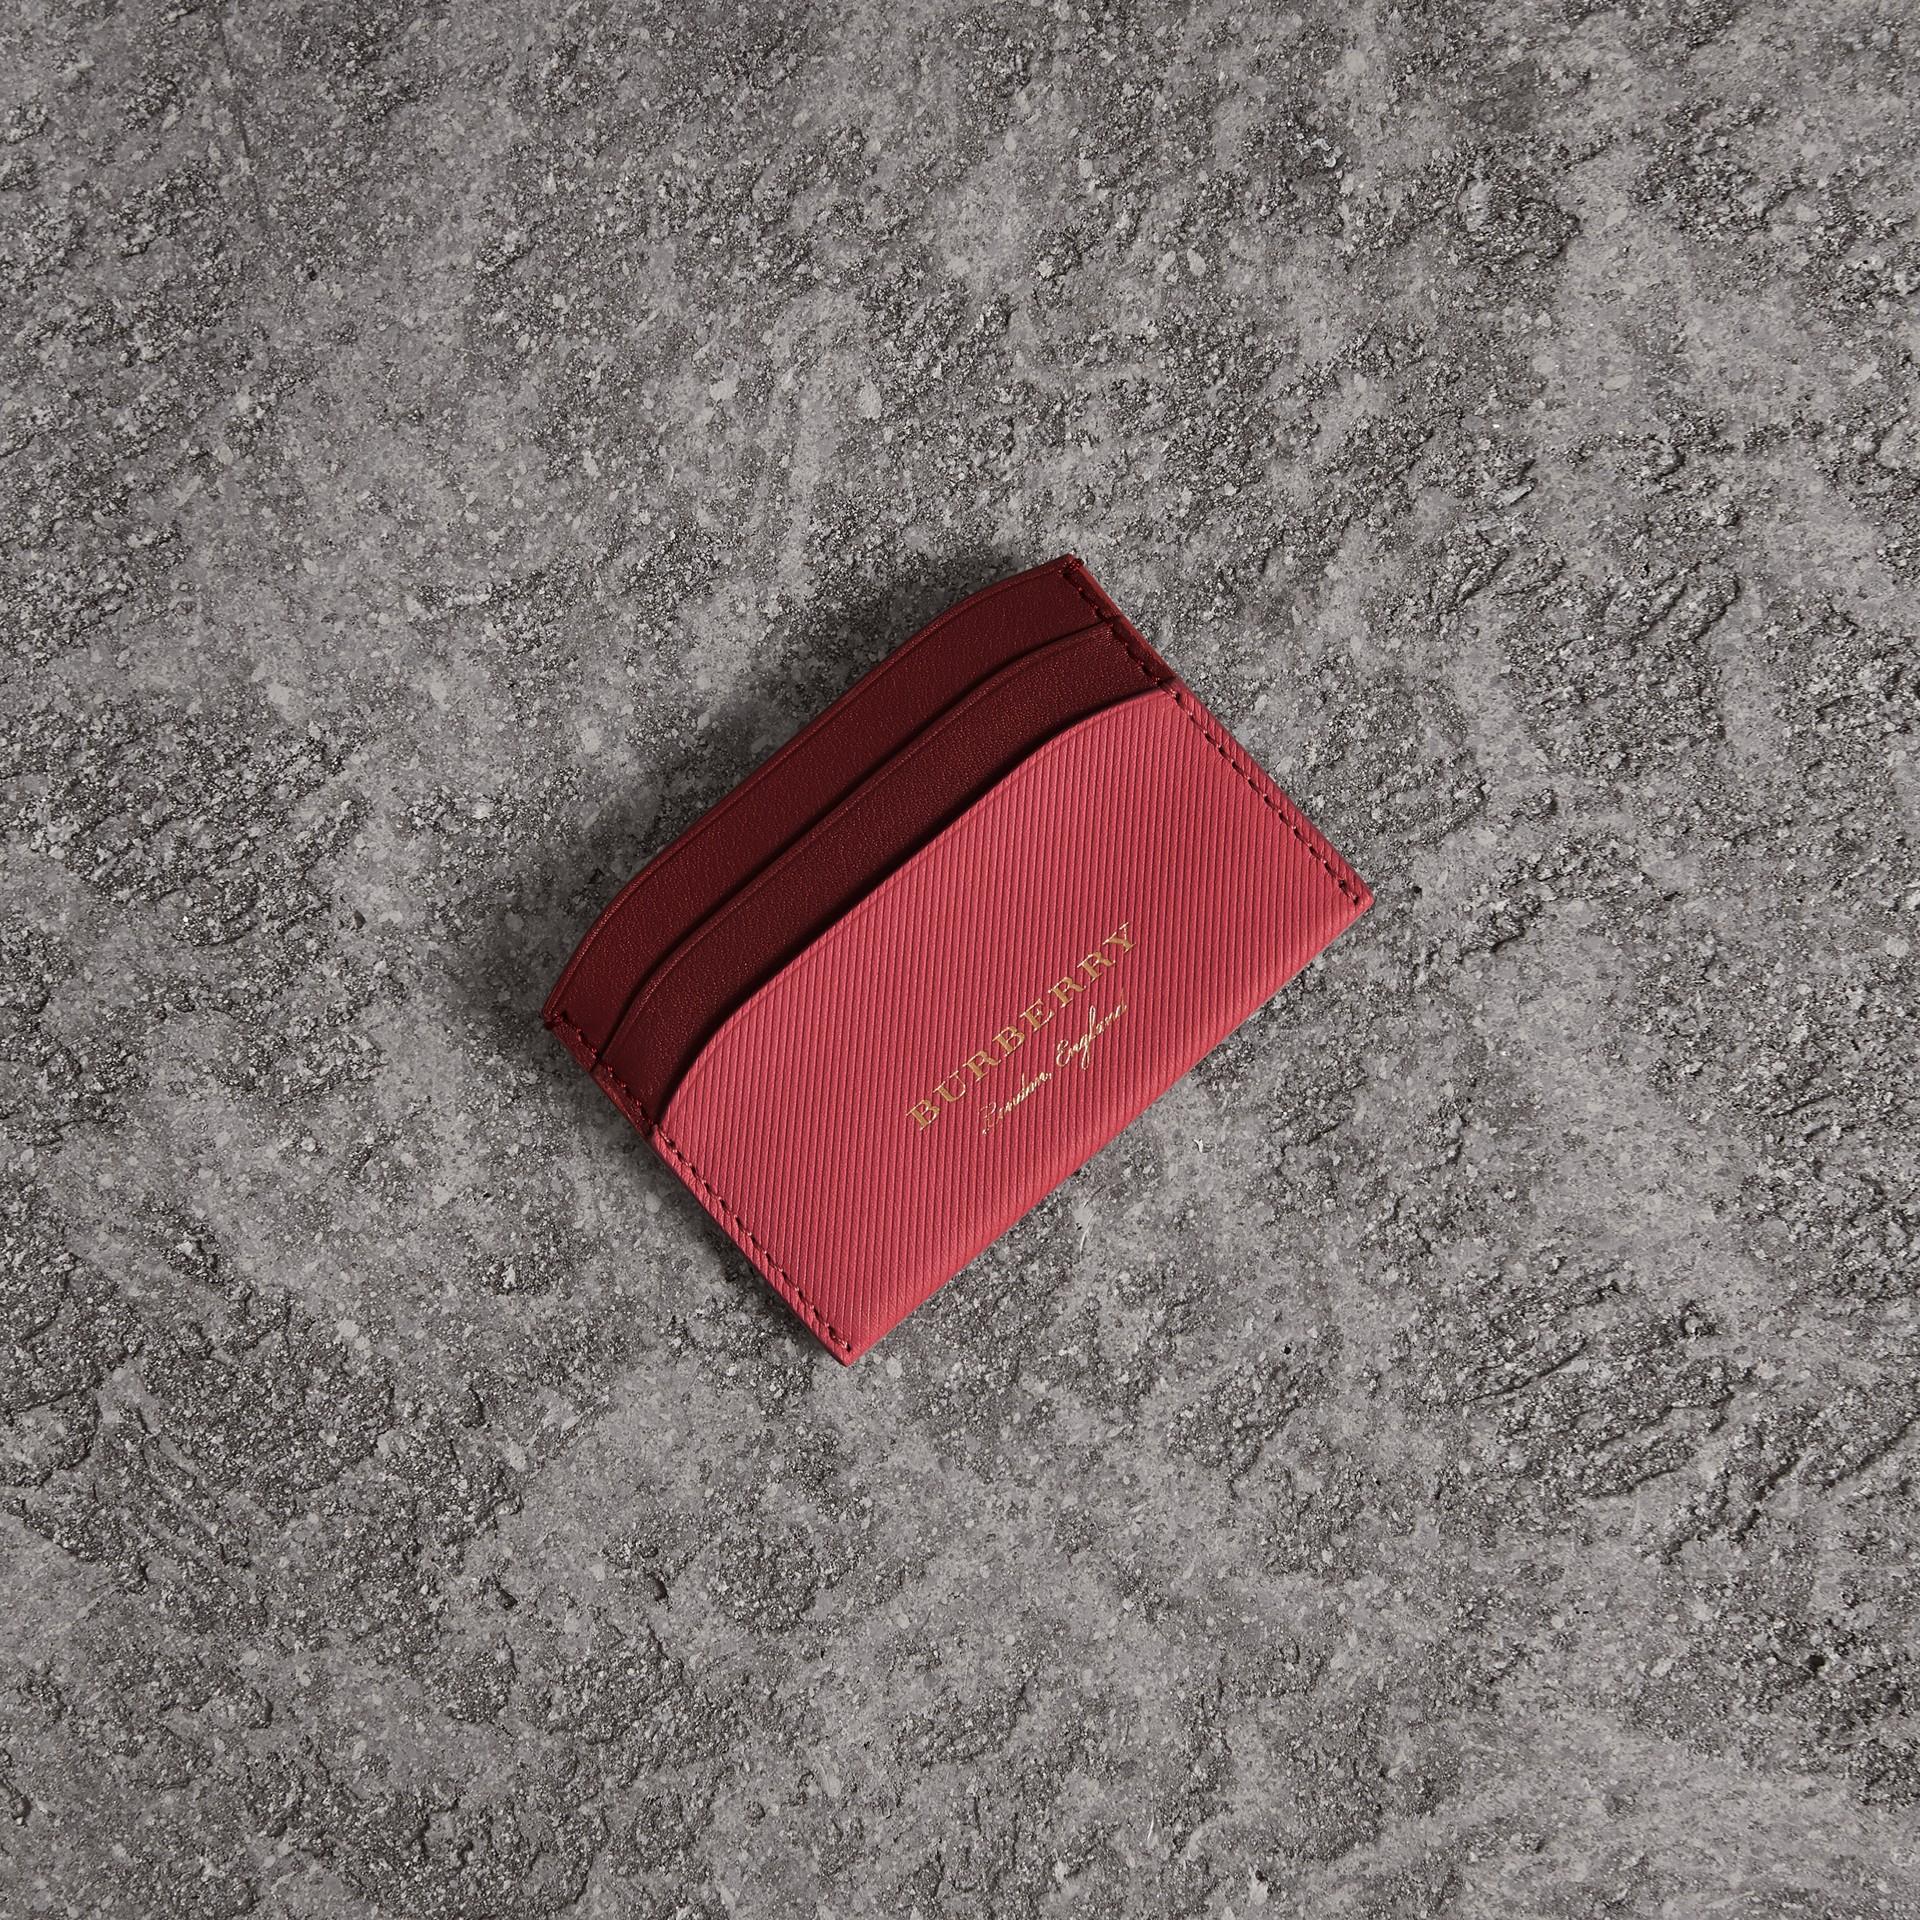 ツートン トレンチレザー カードケース (ブロッサムピンク/アンティークレッド) | バーバリー - ギャラリーイメージ 0